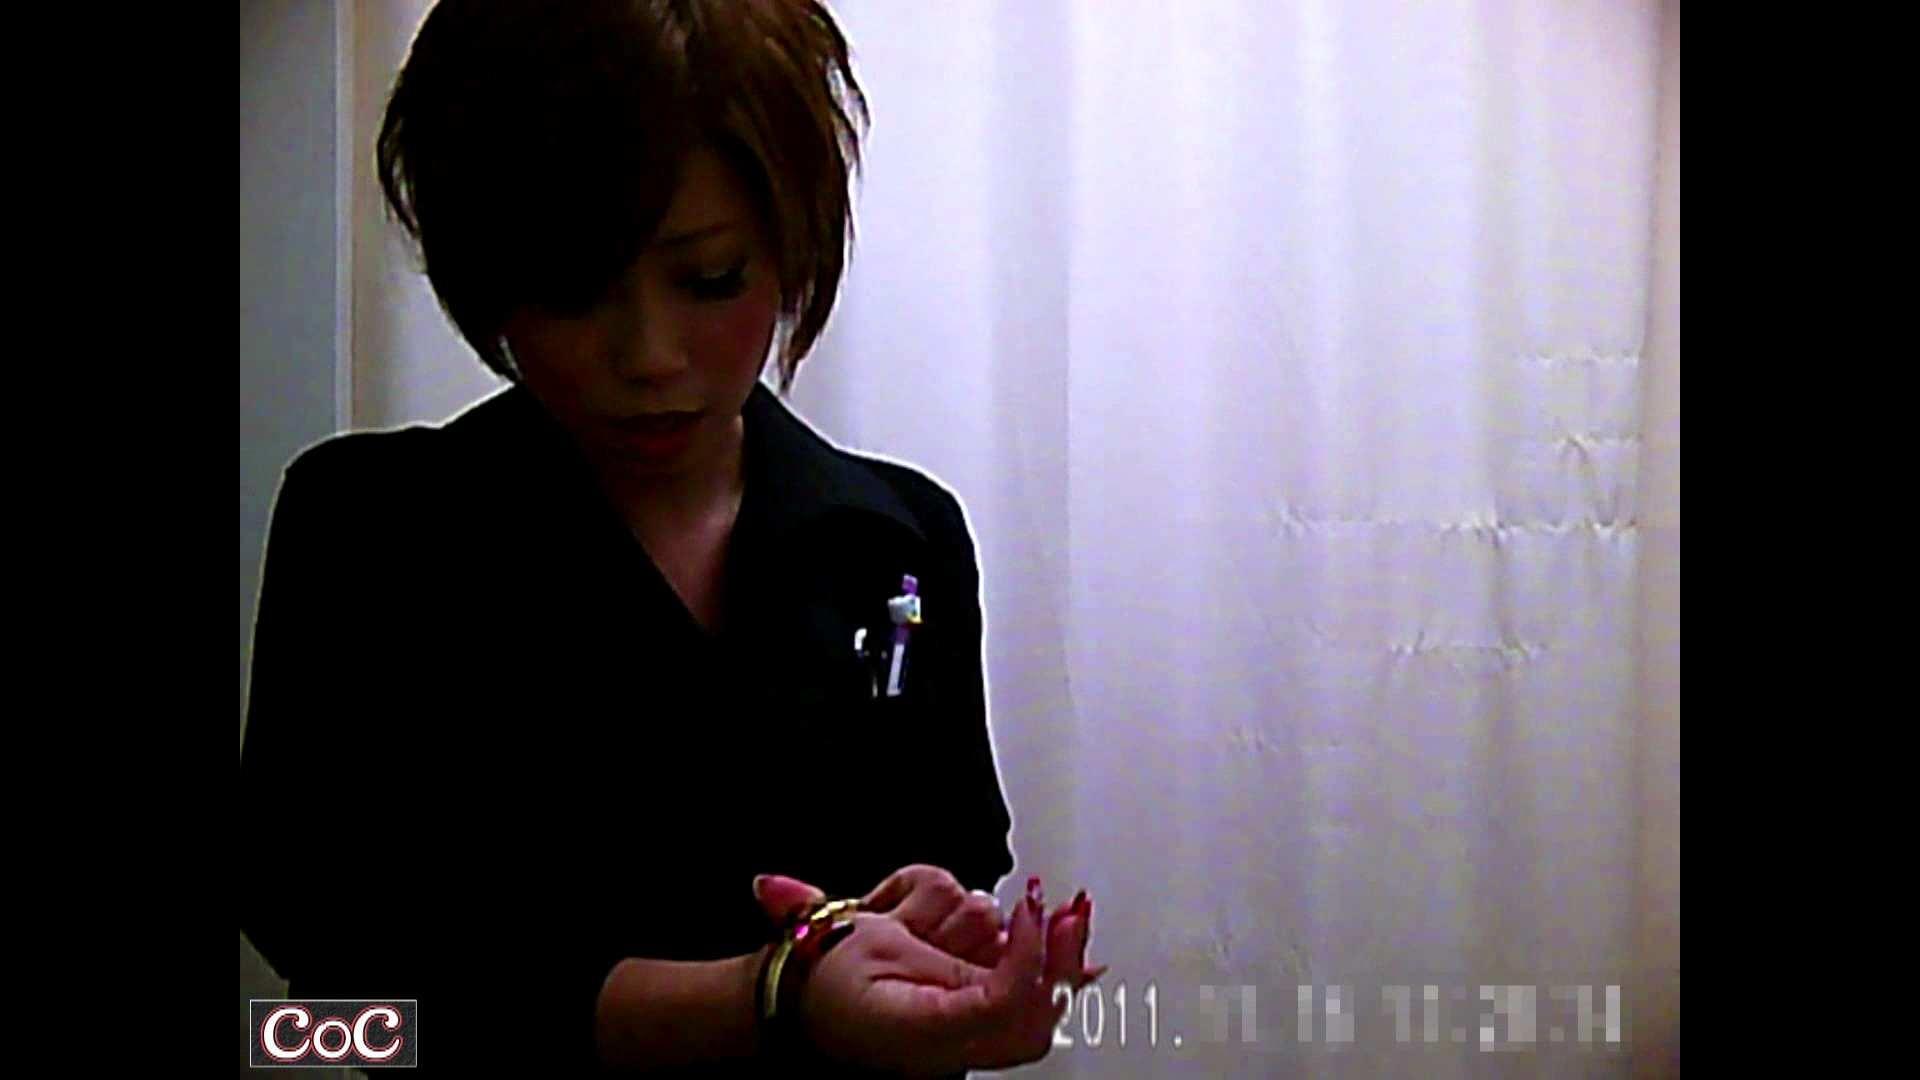 元医者による反抗 更衣室地獄絵巻 vol.203 OL  97pic 43